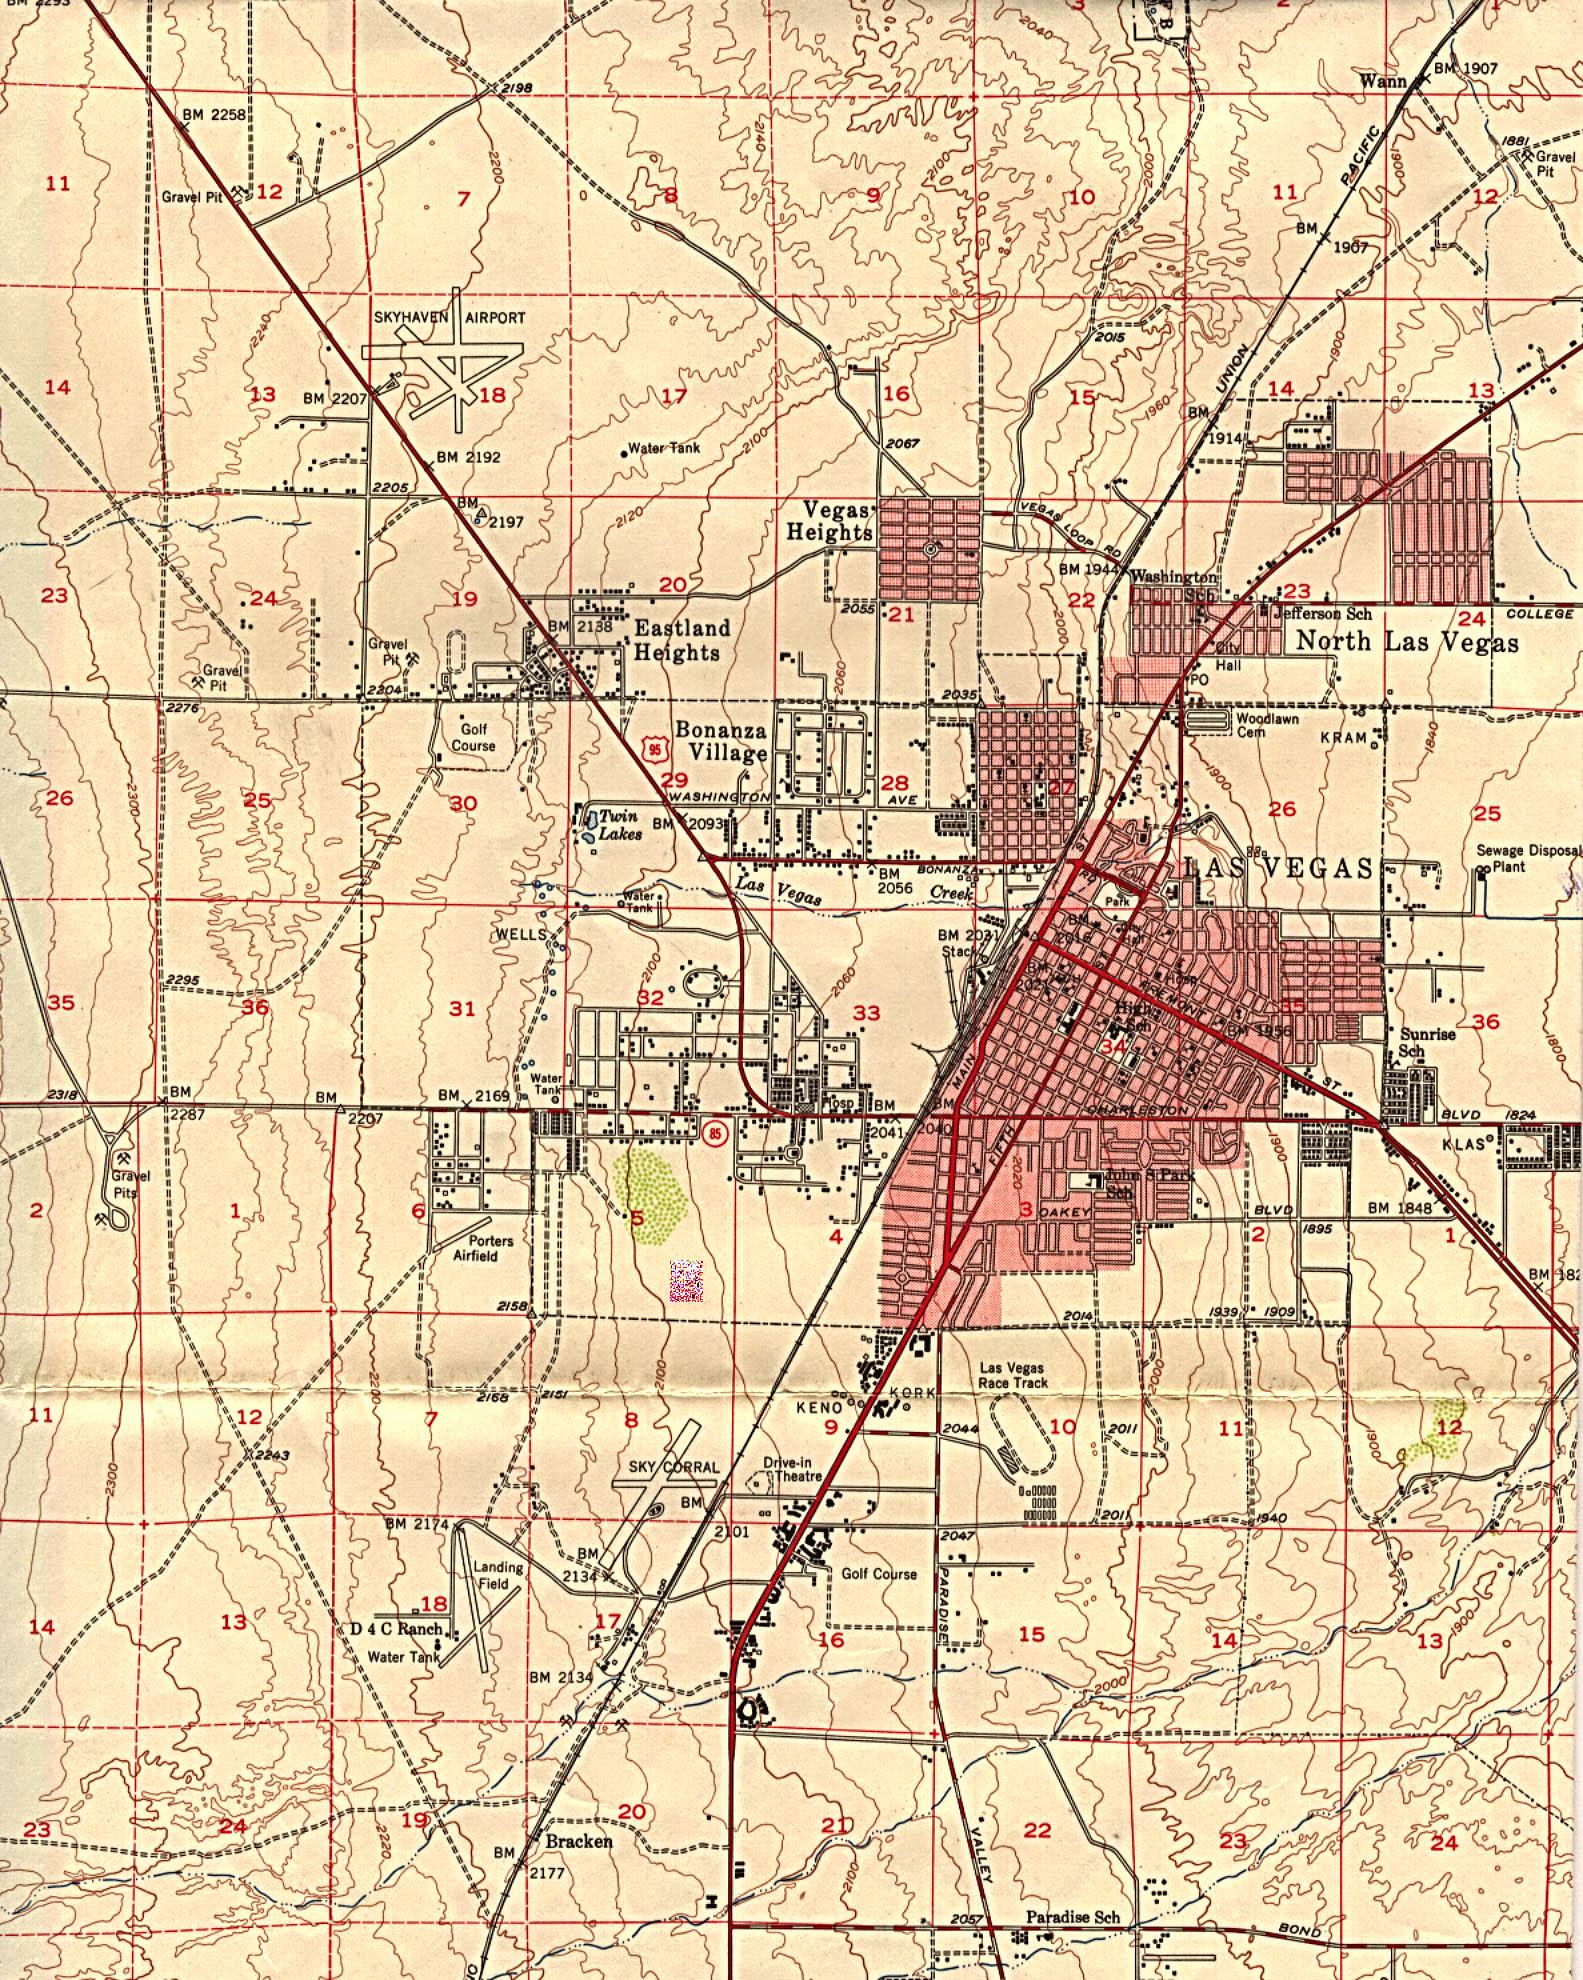 Mapa Topografico De La Ciudad De Las Vegas Nevada Estados Unidos 1952 Mapa Owje Com